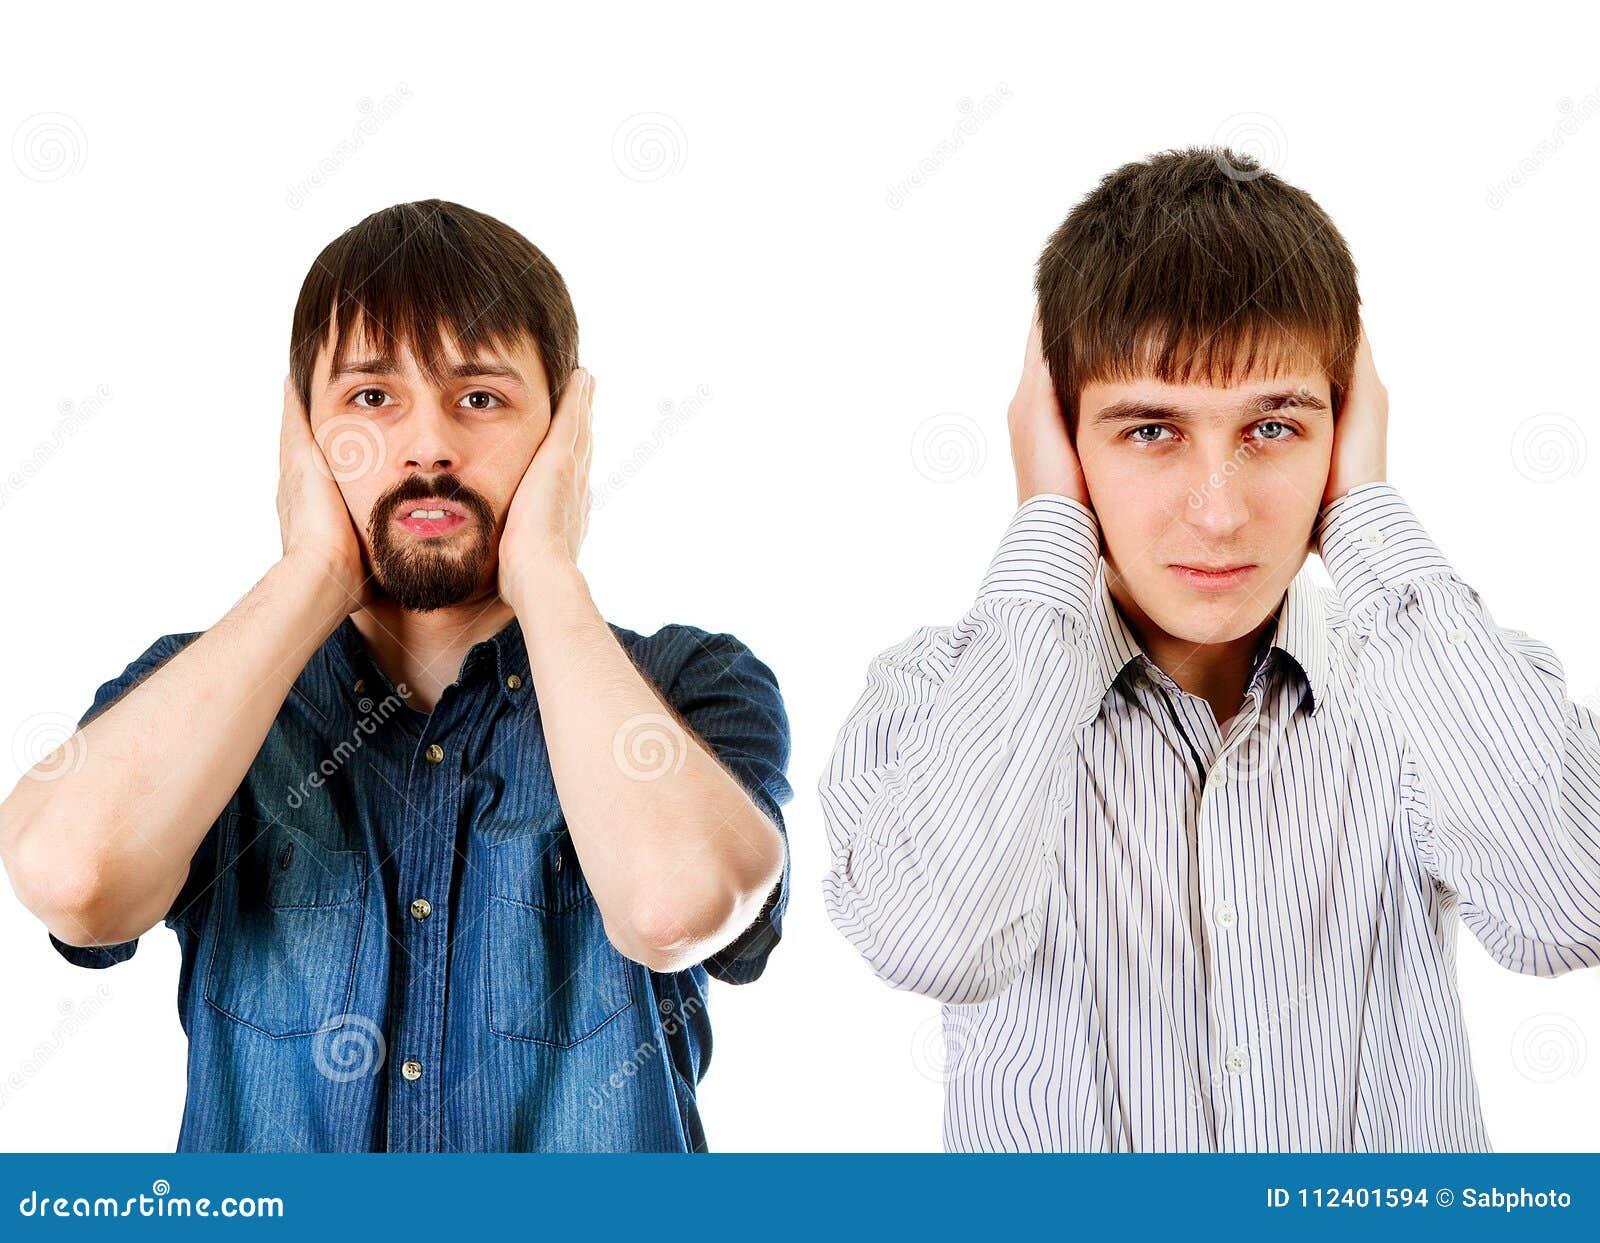 Парни закрывают уши